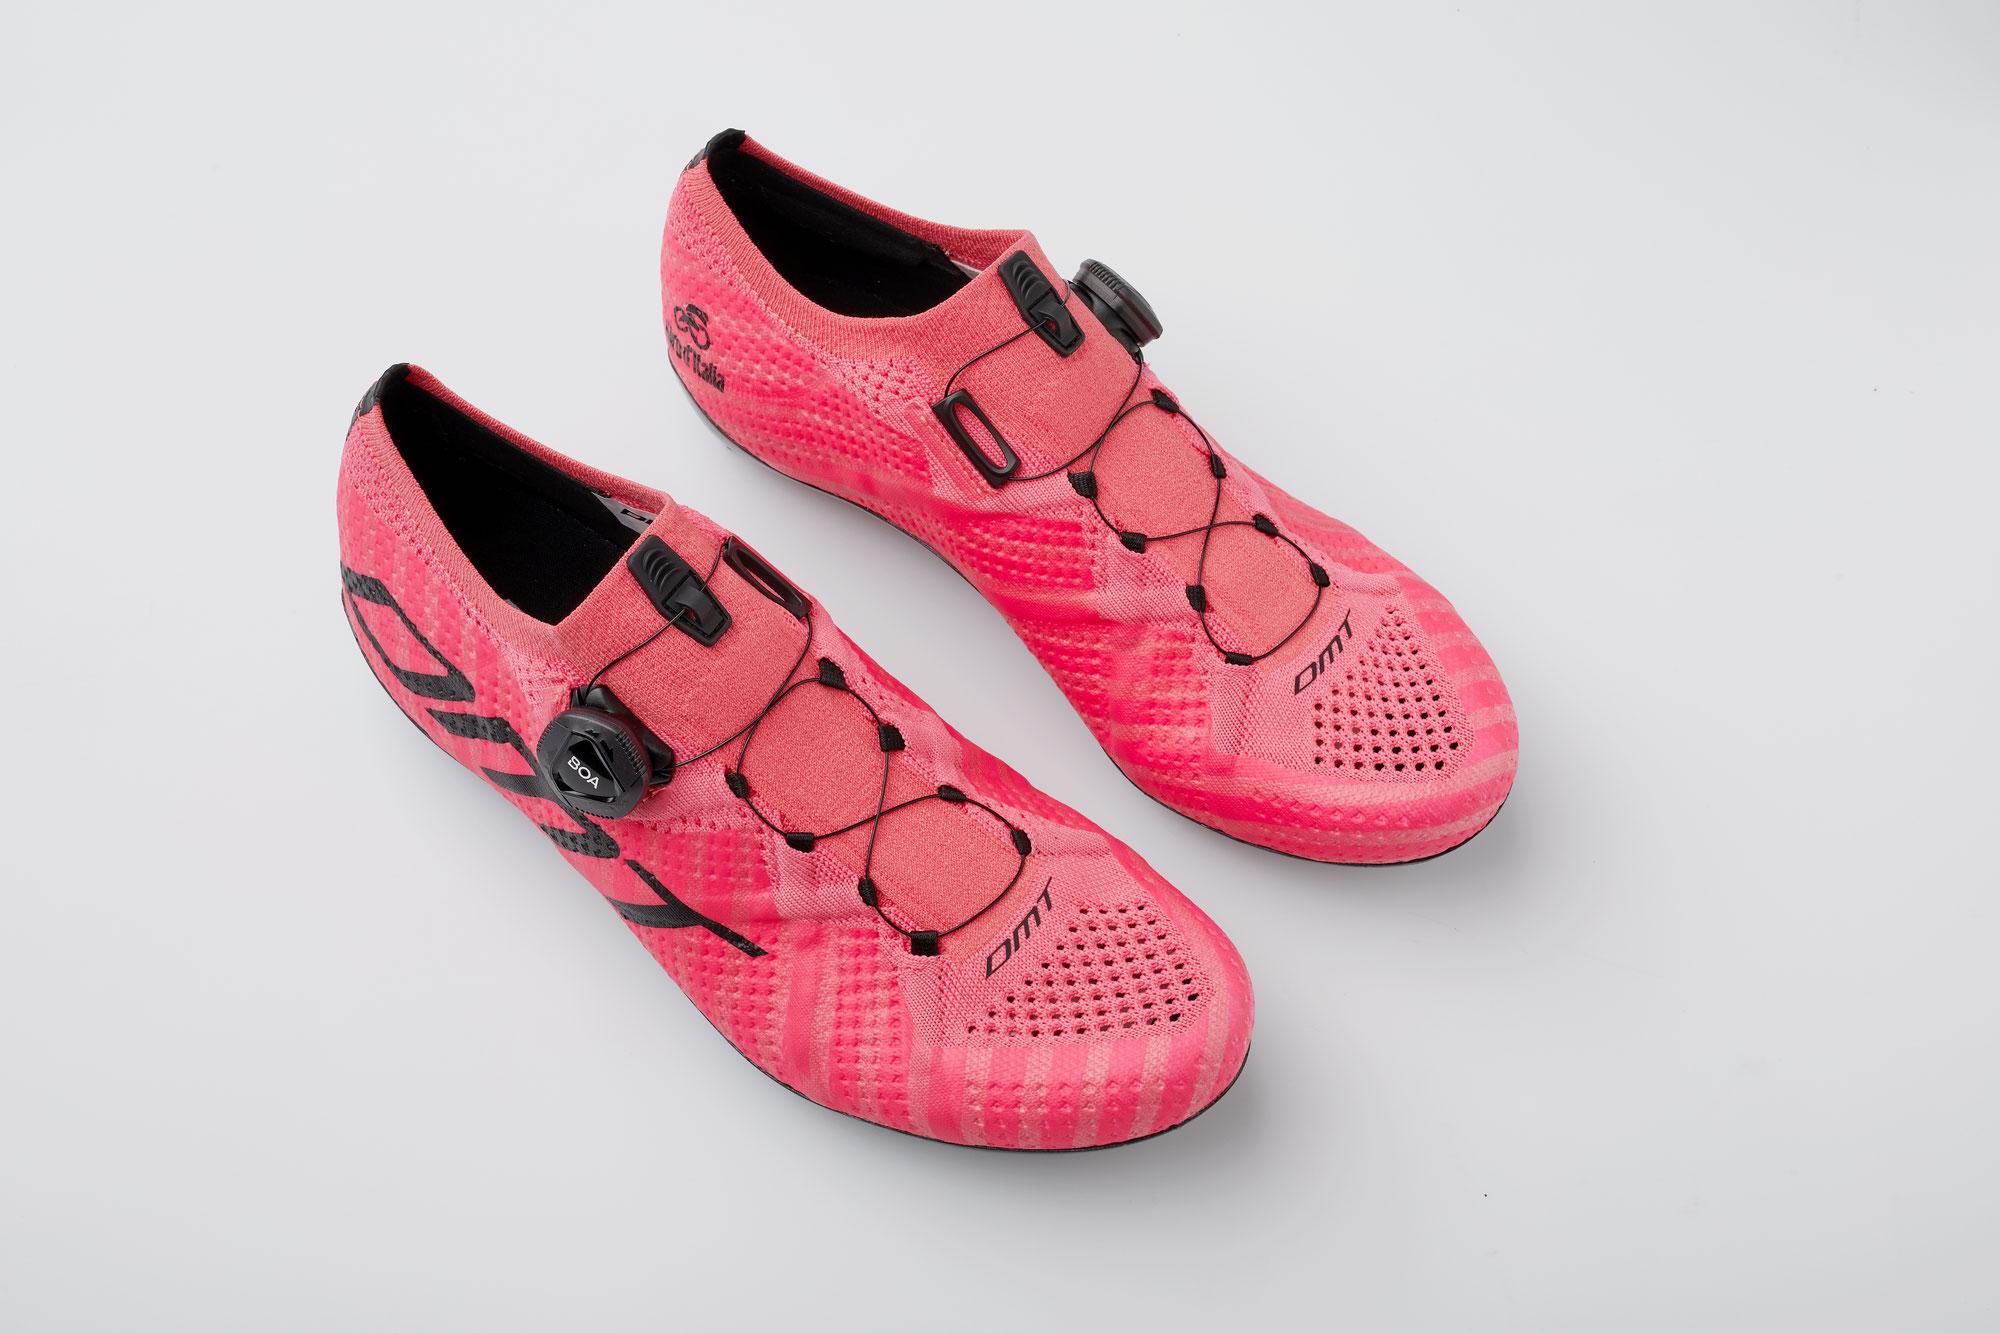 DMT ist offizieller technischer Sponsor des Giro d'Italia